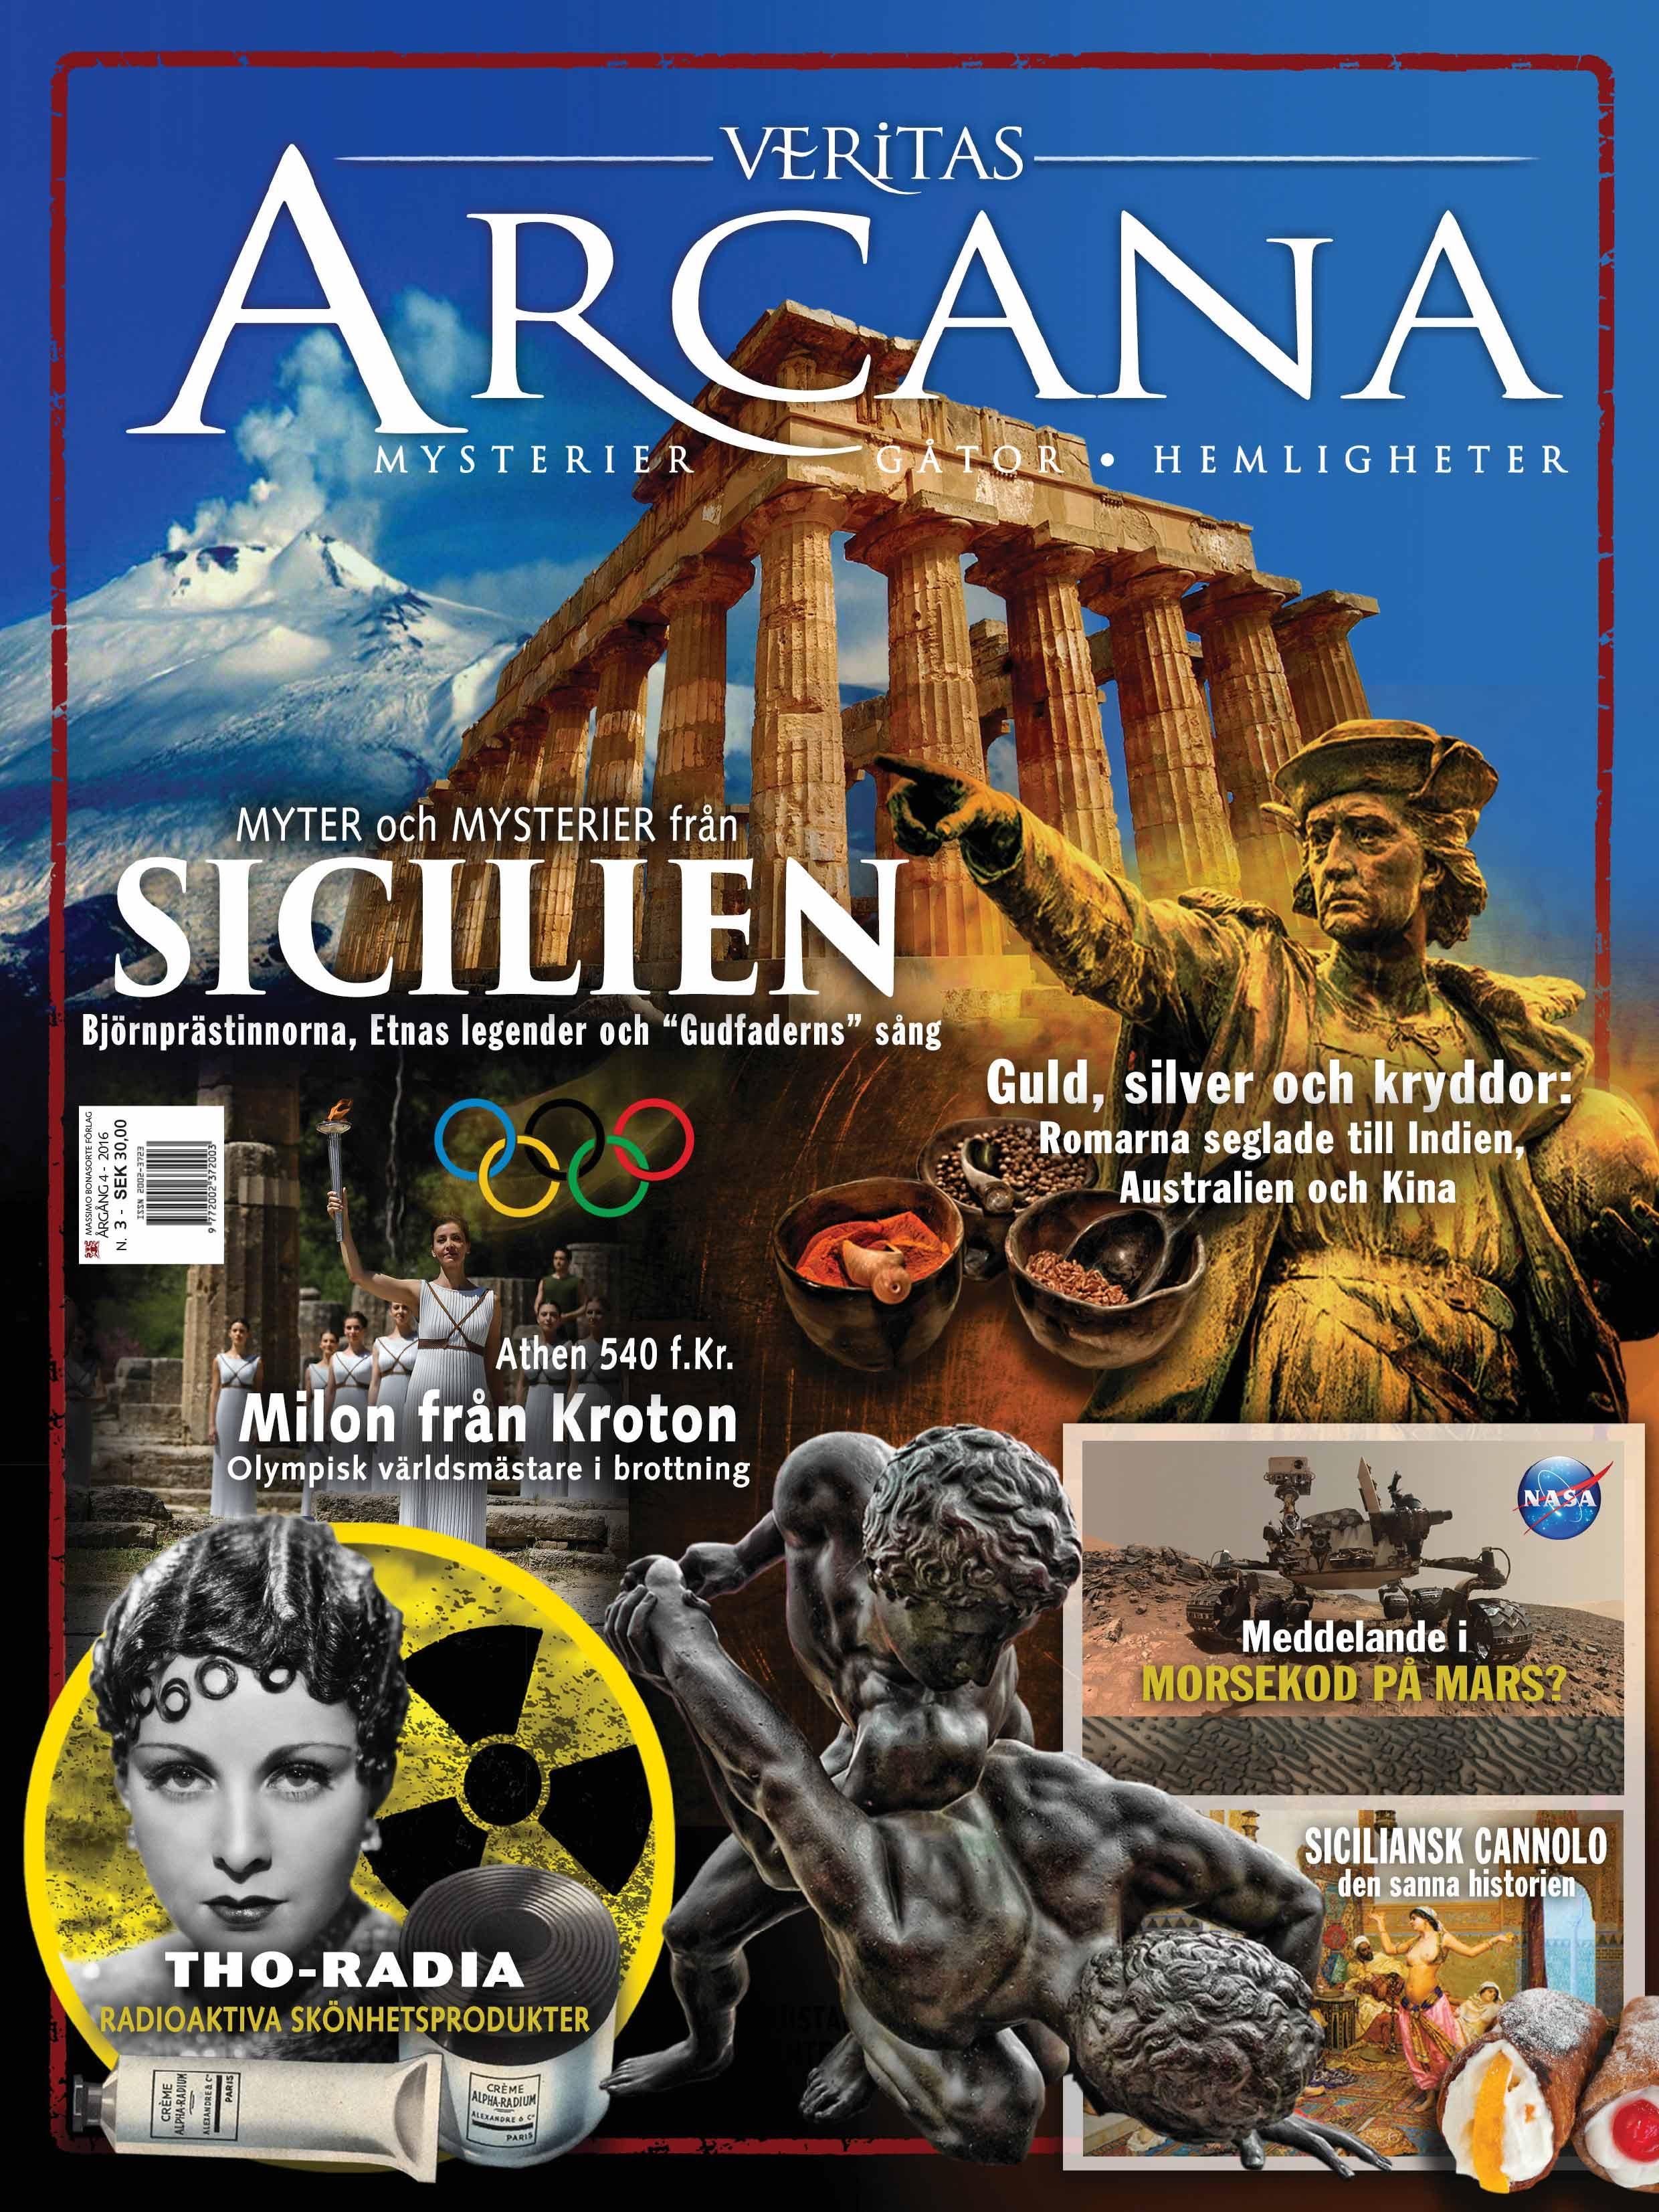 01-cover-_veritas-arcana-3_2016